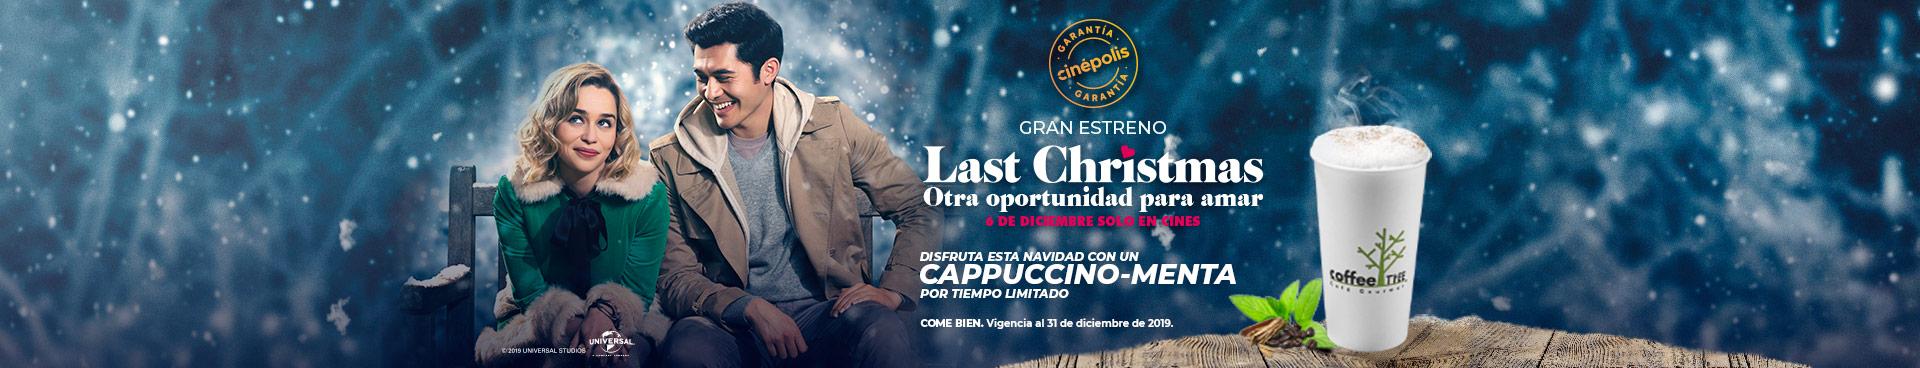 Estreno: Last Christmas Otra Oportunidad para Amar